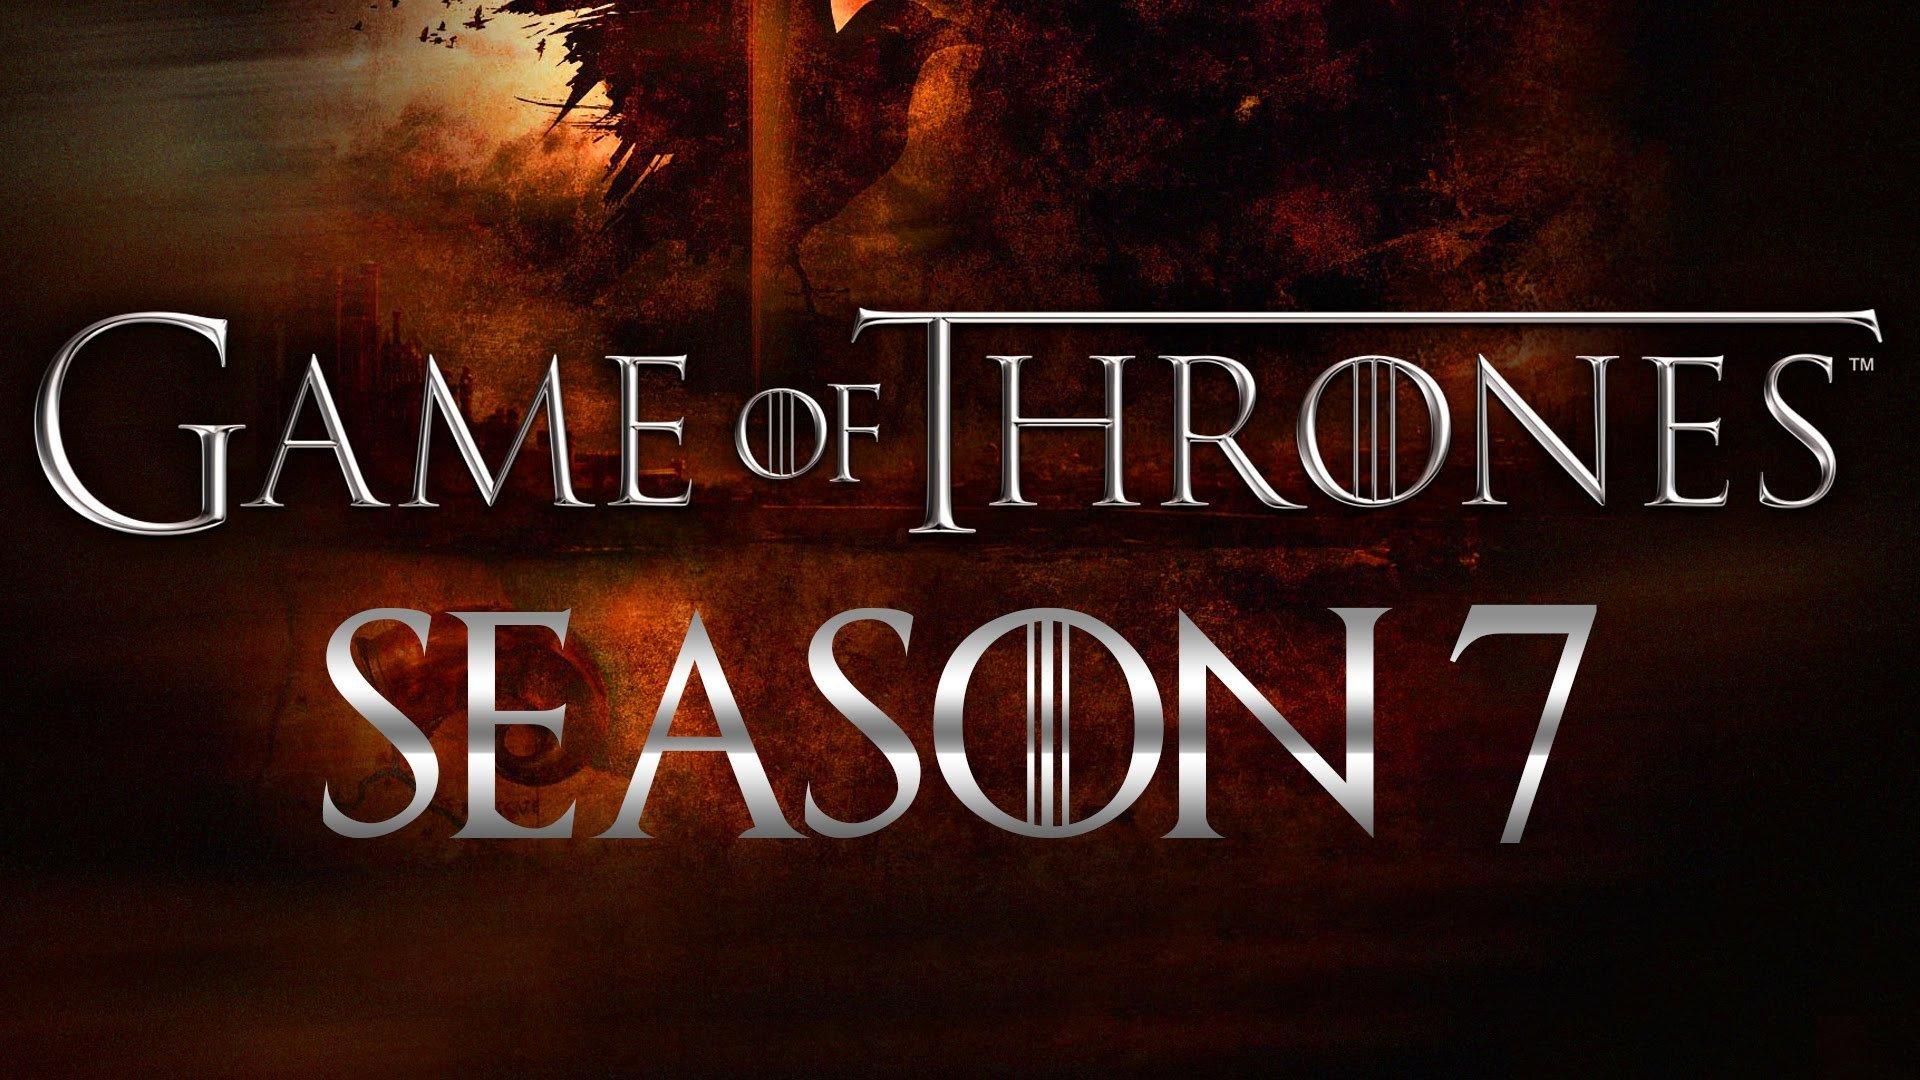 game of thrones seizoen 7 downloaden omdat ik geen Ziggo hebt